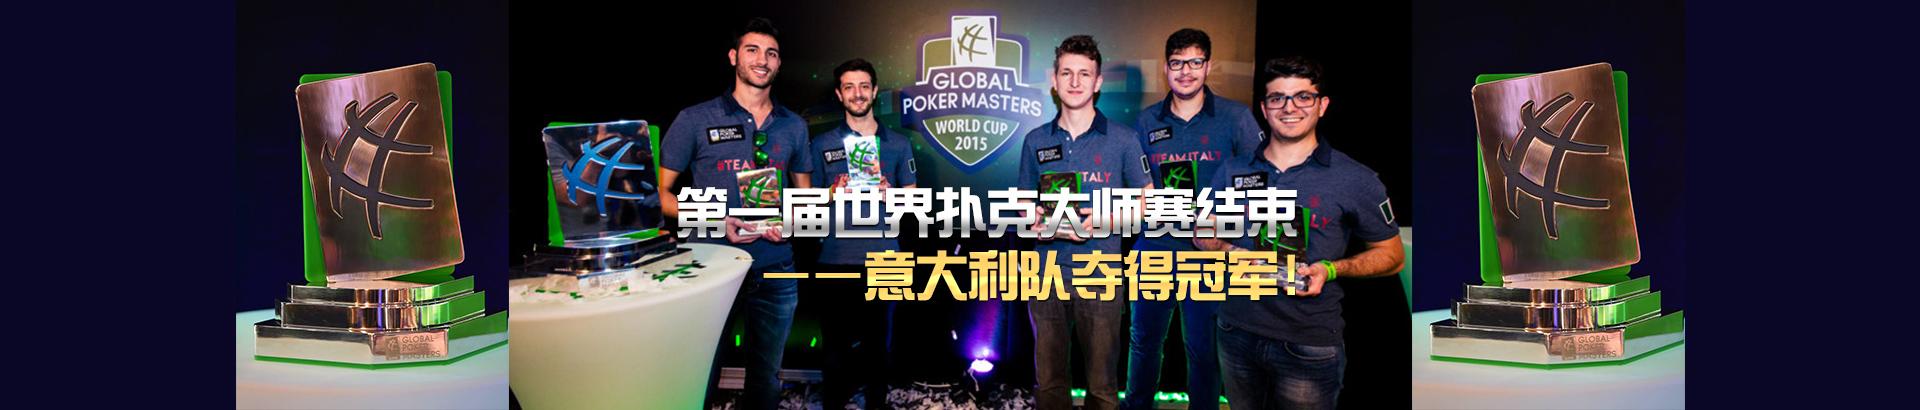 世界扑克大师赛结束 意大利队夺得冠军